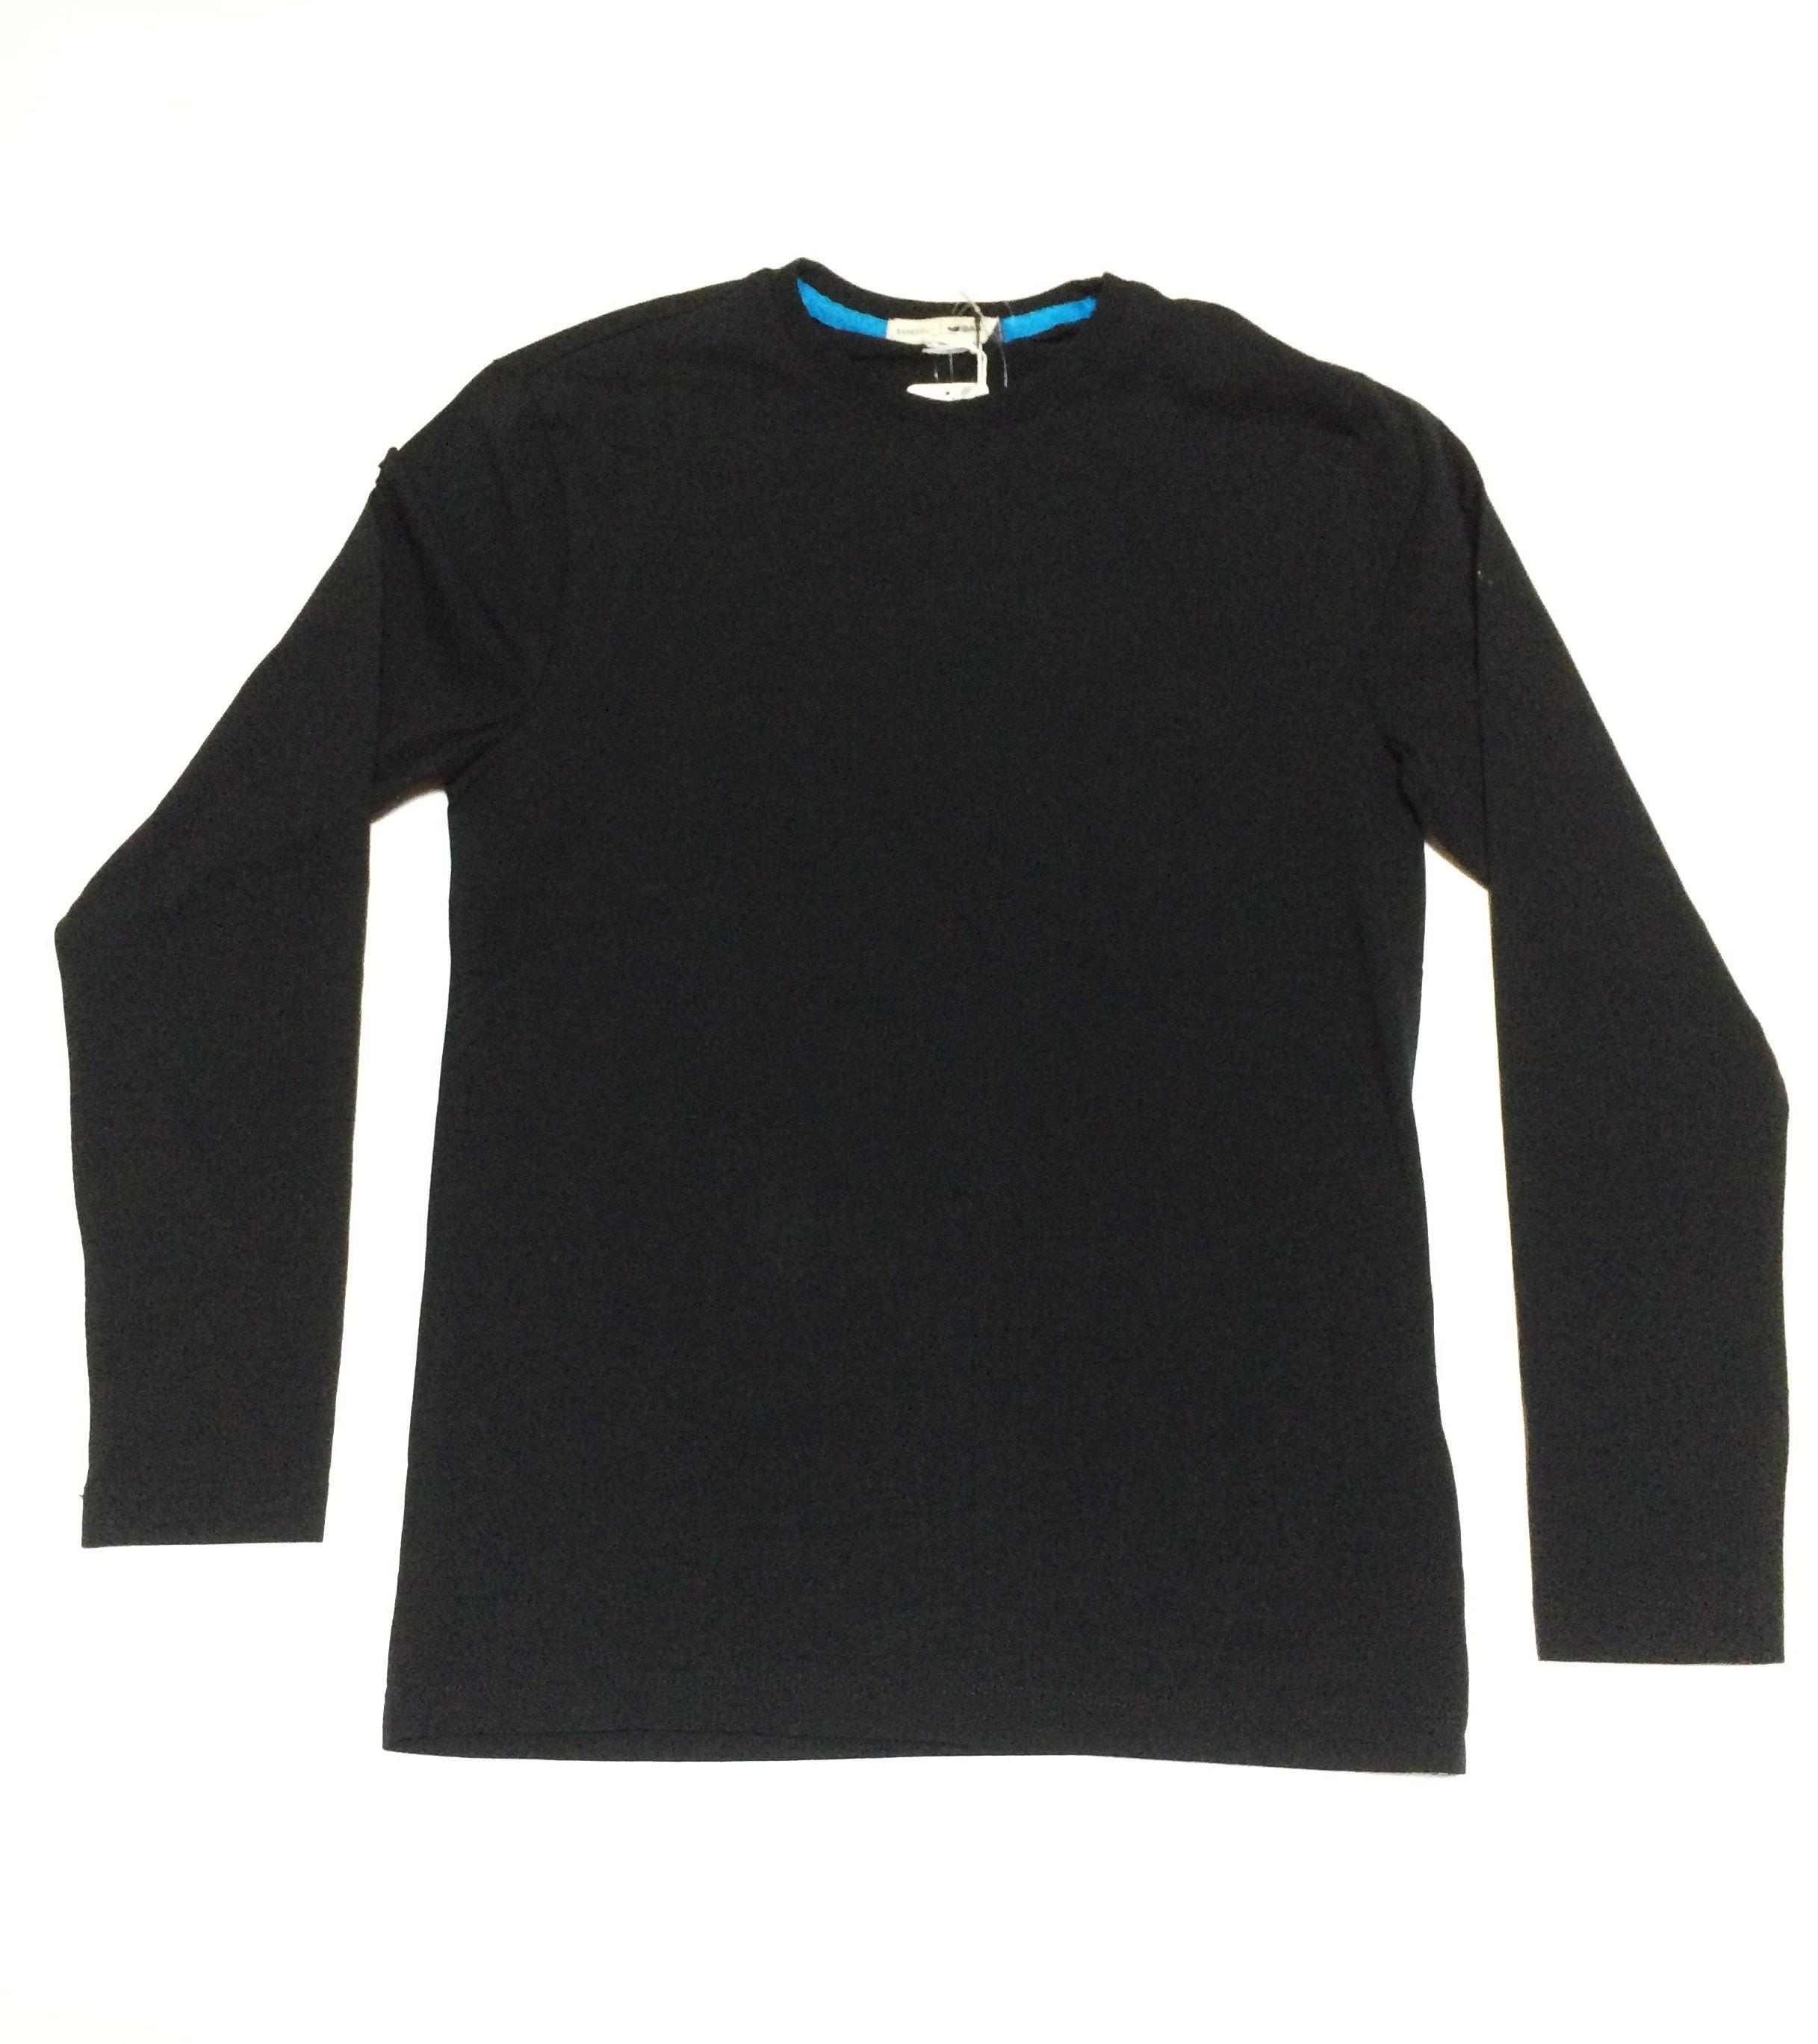 【XSサイズ】GAS/ガス メンズ長袖Tシャツ カットソー ロンT ワンポイント GAS ガス 長袖Tシャツ